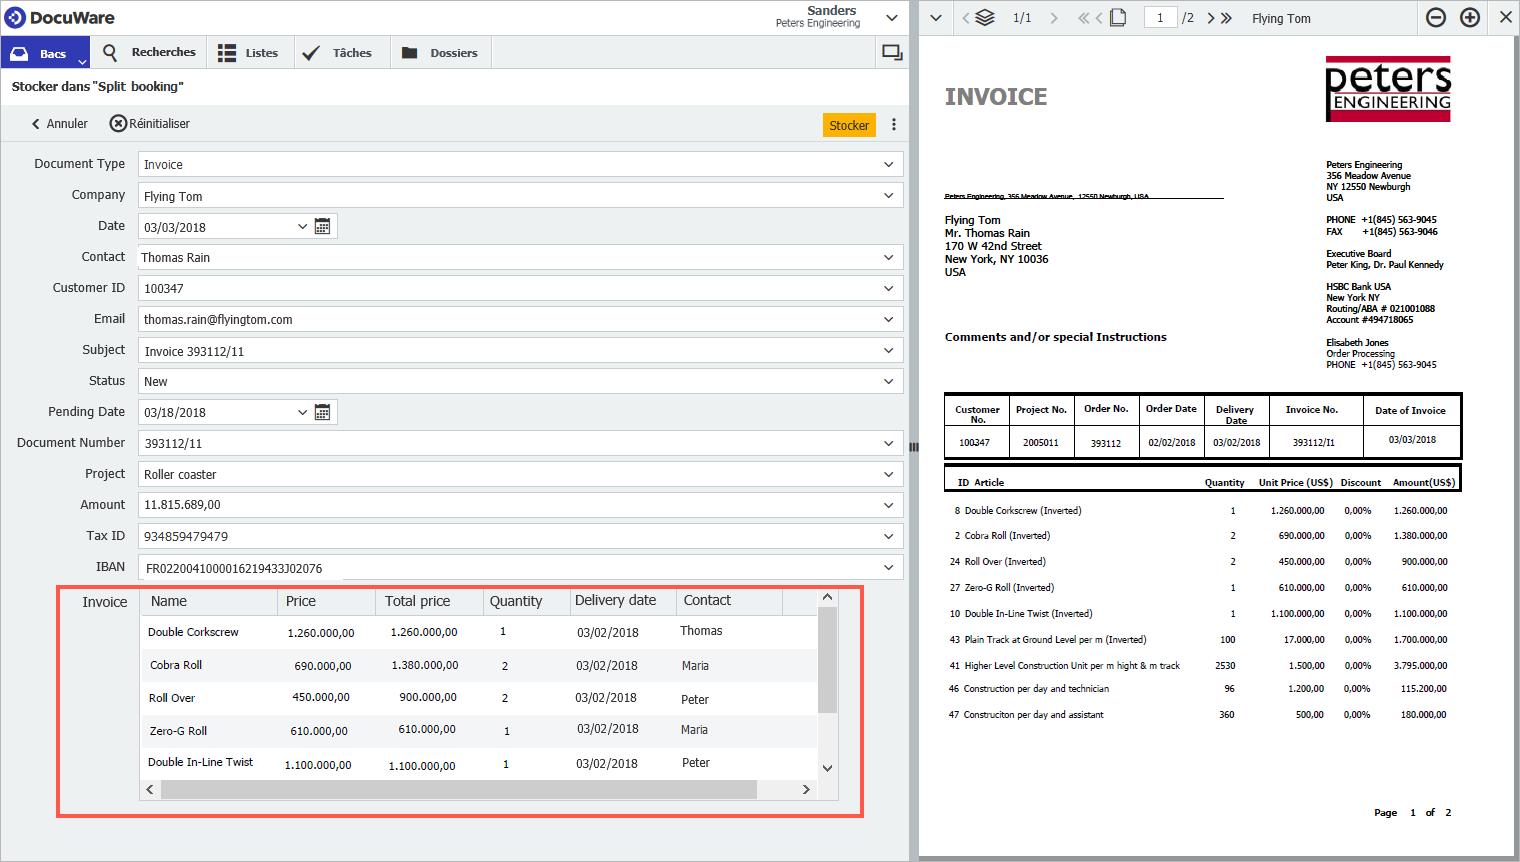 Tabelle für Splitrechnungs-Workflows einrichten_KL_2_64531_fr-1